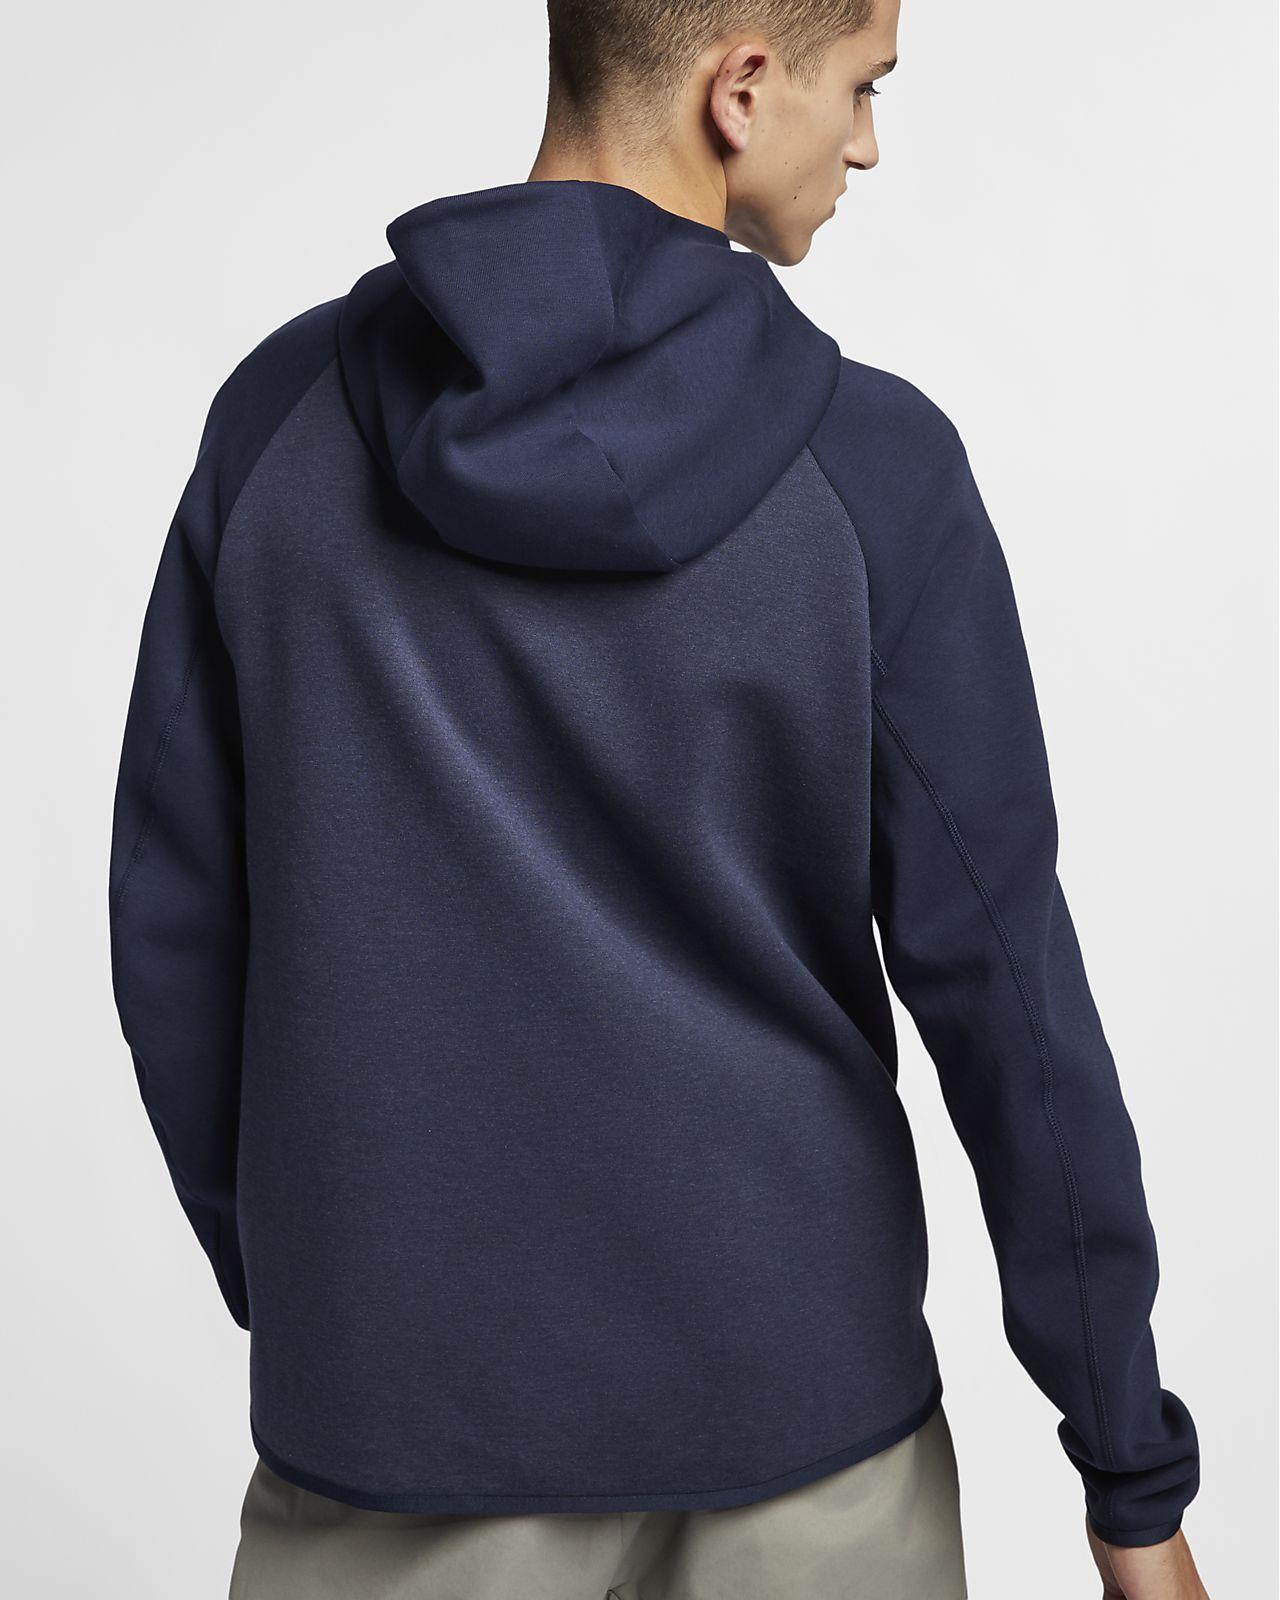 online retailer 6619f 423e9 ... Nike Sportswear Tech Fleece Men s Full-Zip Hoodie